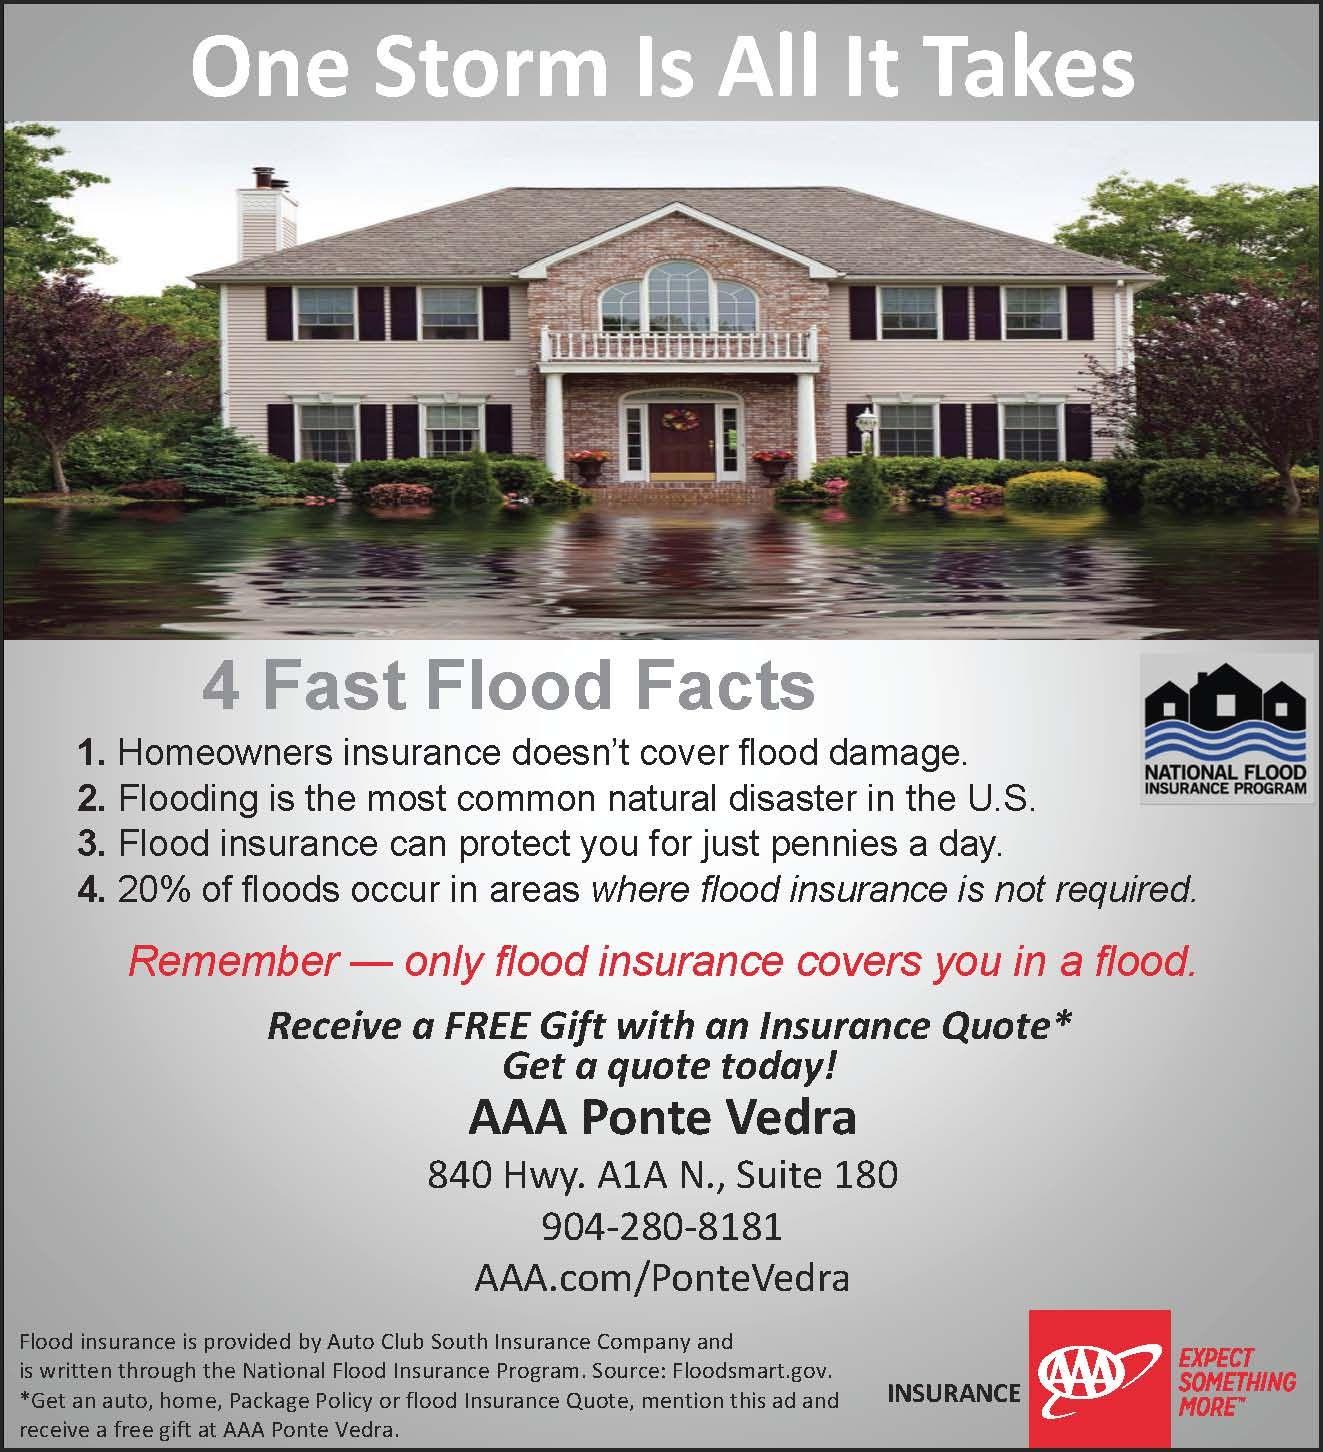 Aaa auto club flood coverage flood facts flood